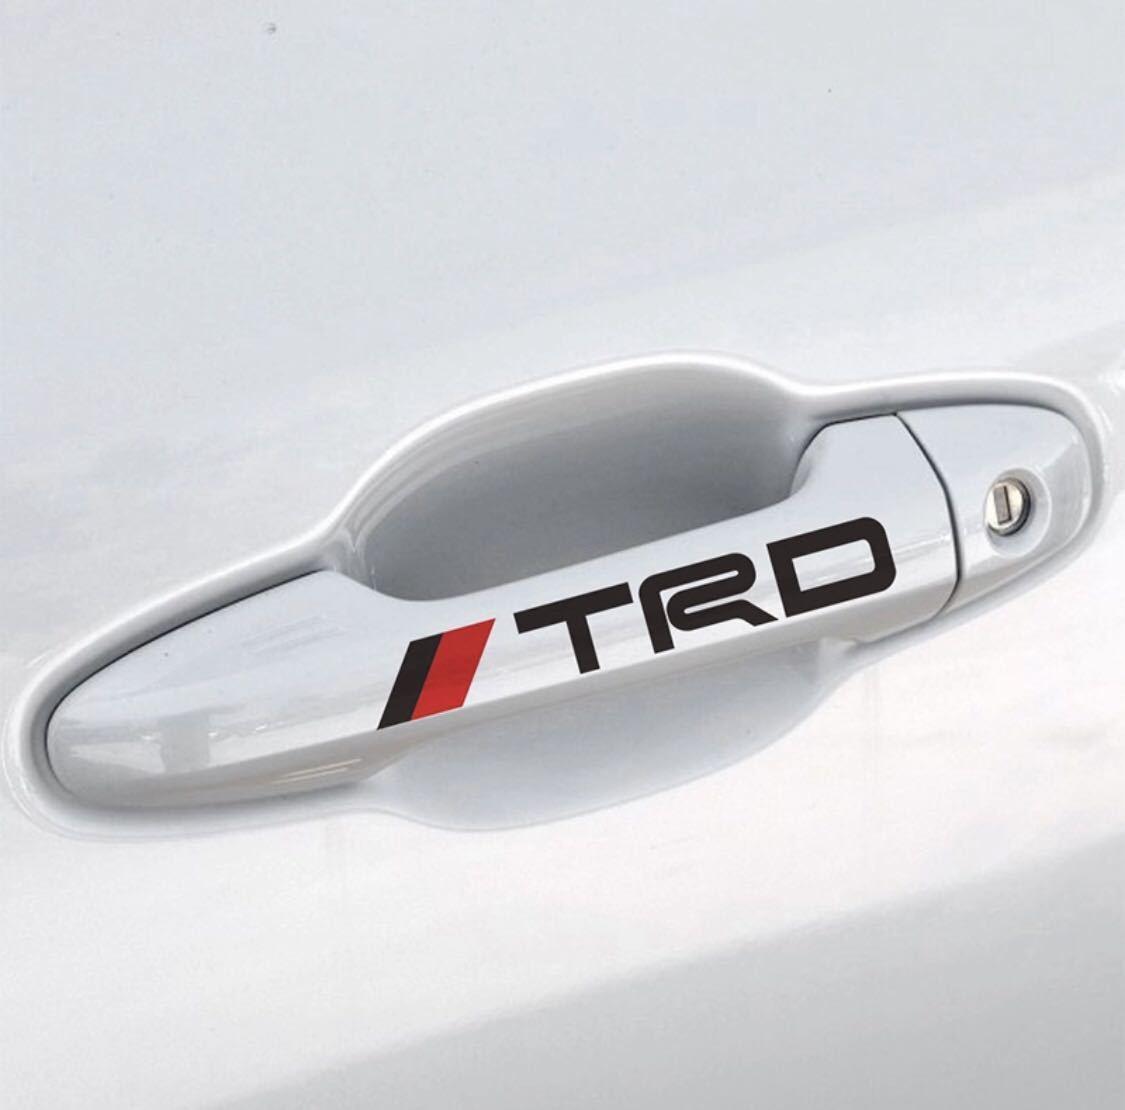 トヨタ TRD エンブレム ステッカー 黒文字 1シート4枚セット ドアノブ ドアハンドル 11㎝×1.8㎝_画像2